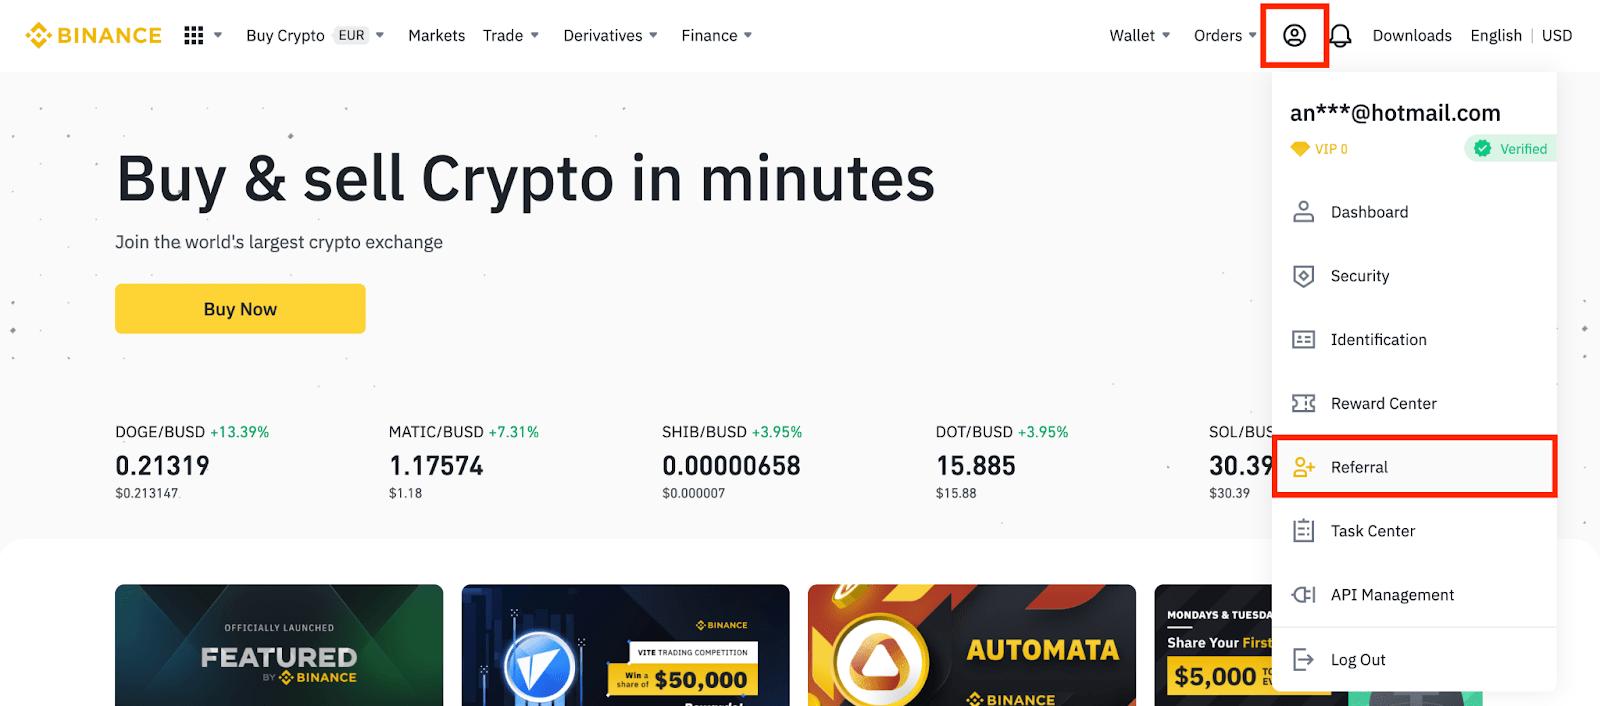 come il commercio bitcoin al ripple su binance)